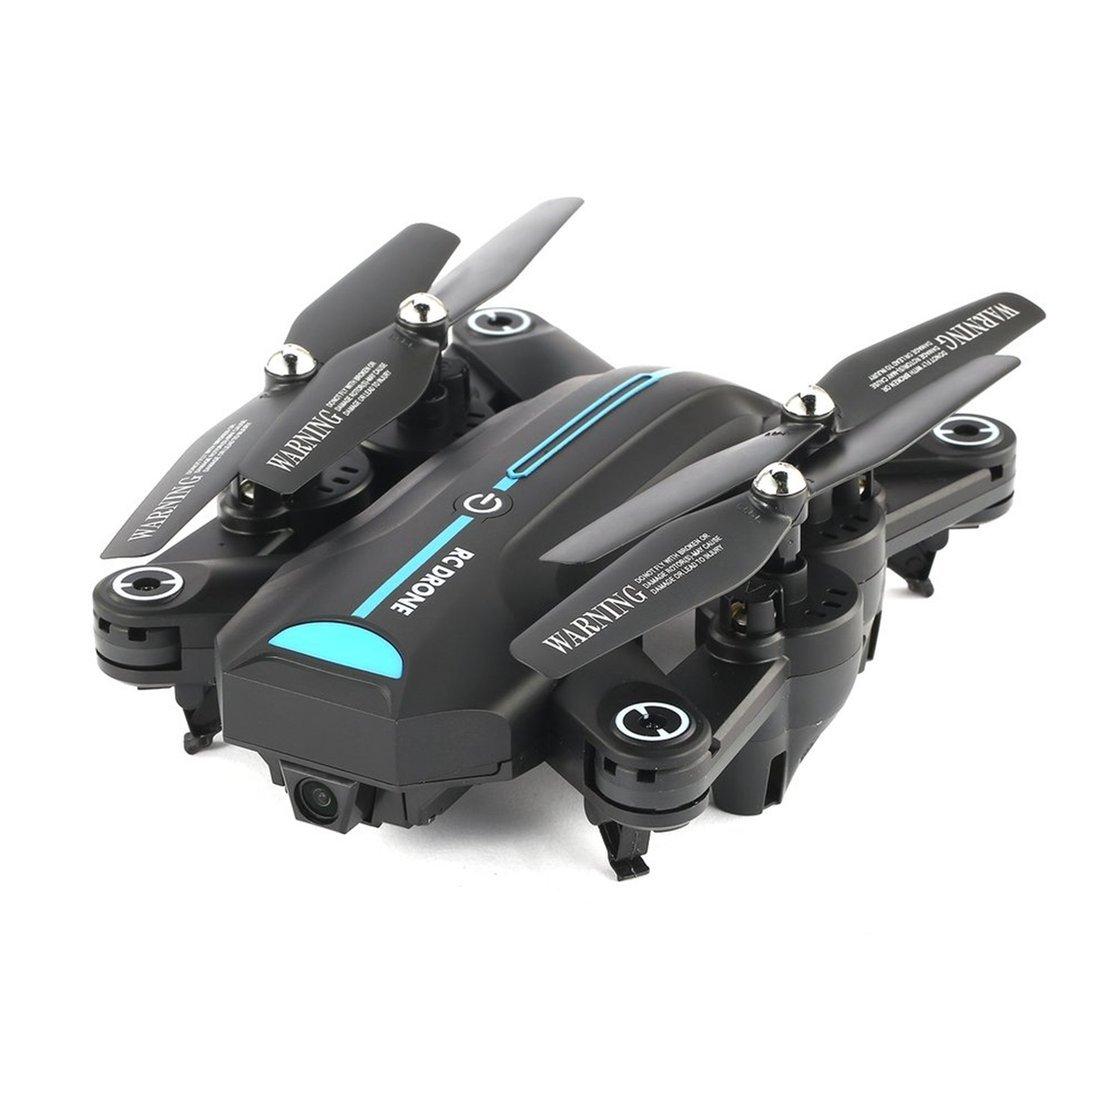 Laurelmartina A6W Plegable RC Drone 2.4G Wi-Fi FPV 720P Gran Angular cámara HD RTF Quadcopter con Sensor de Gravedad Altitude Hold Modo sin Cabeza